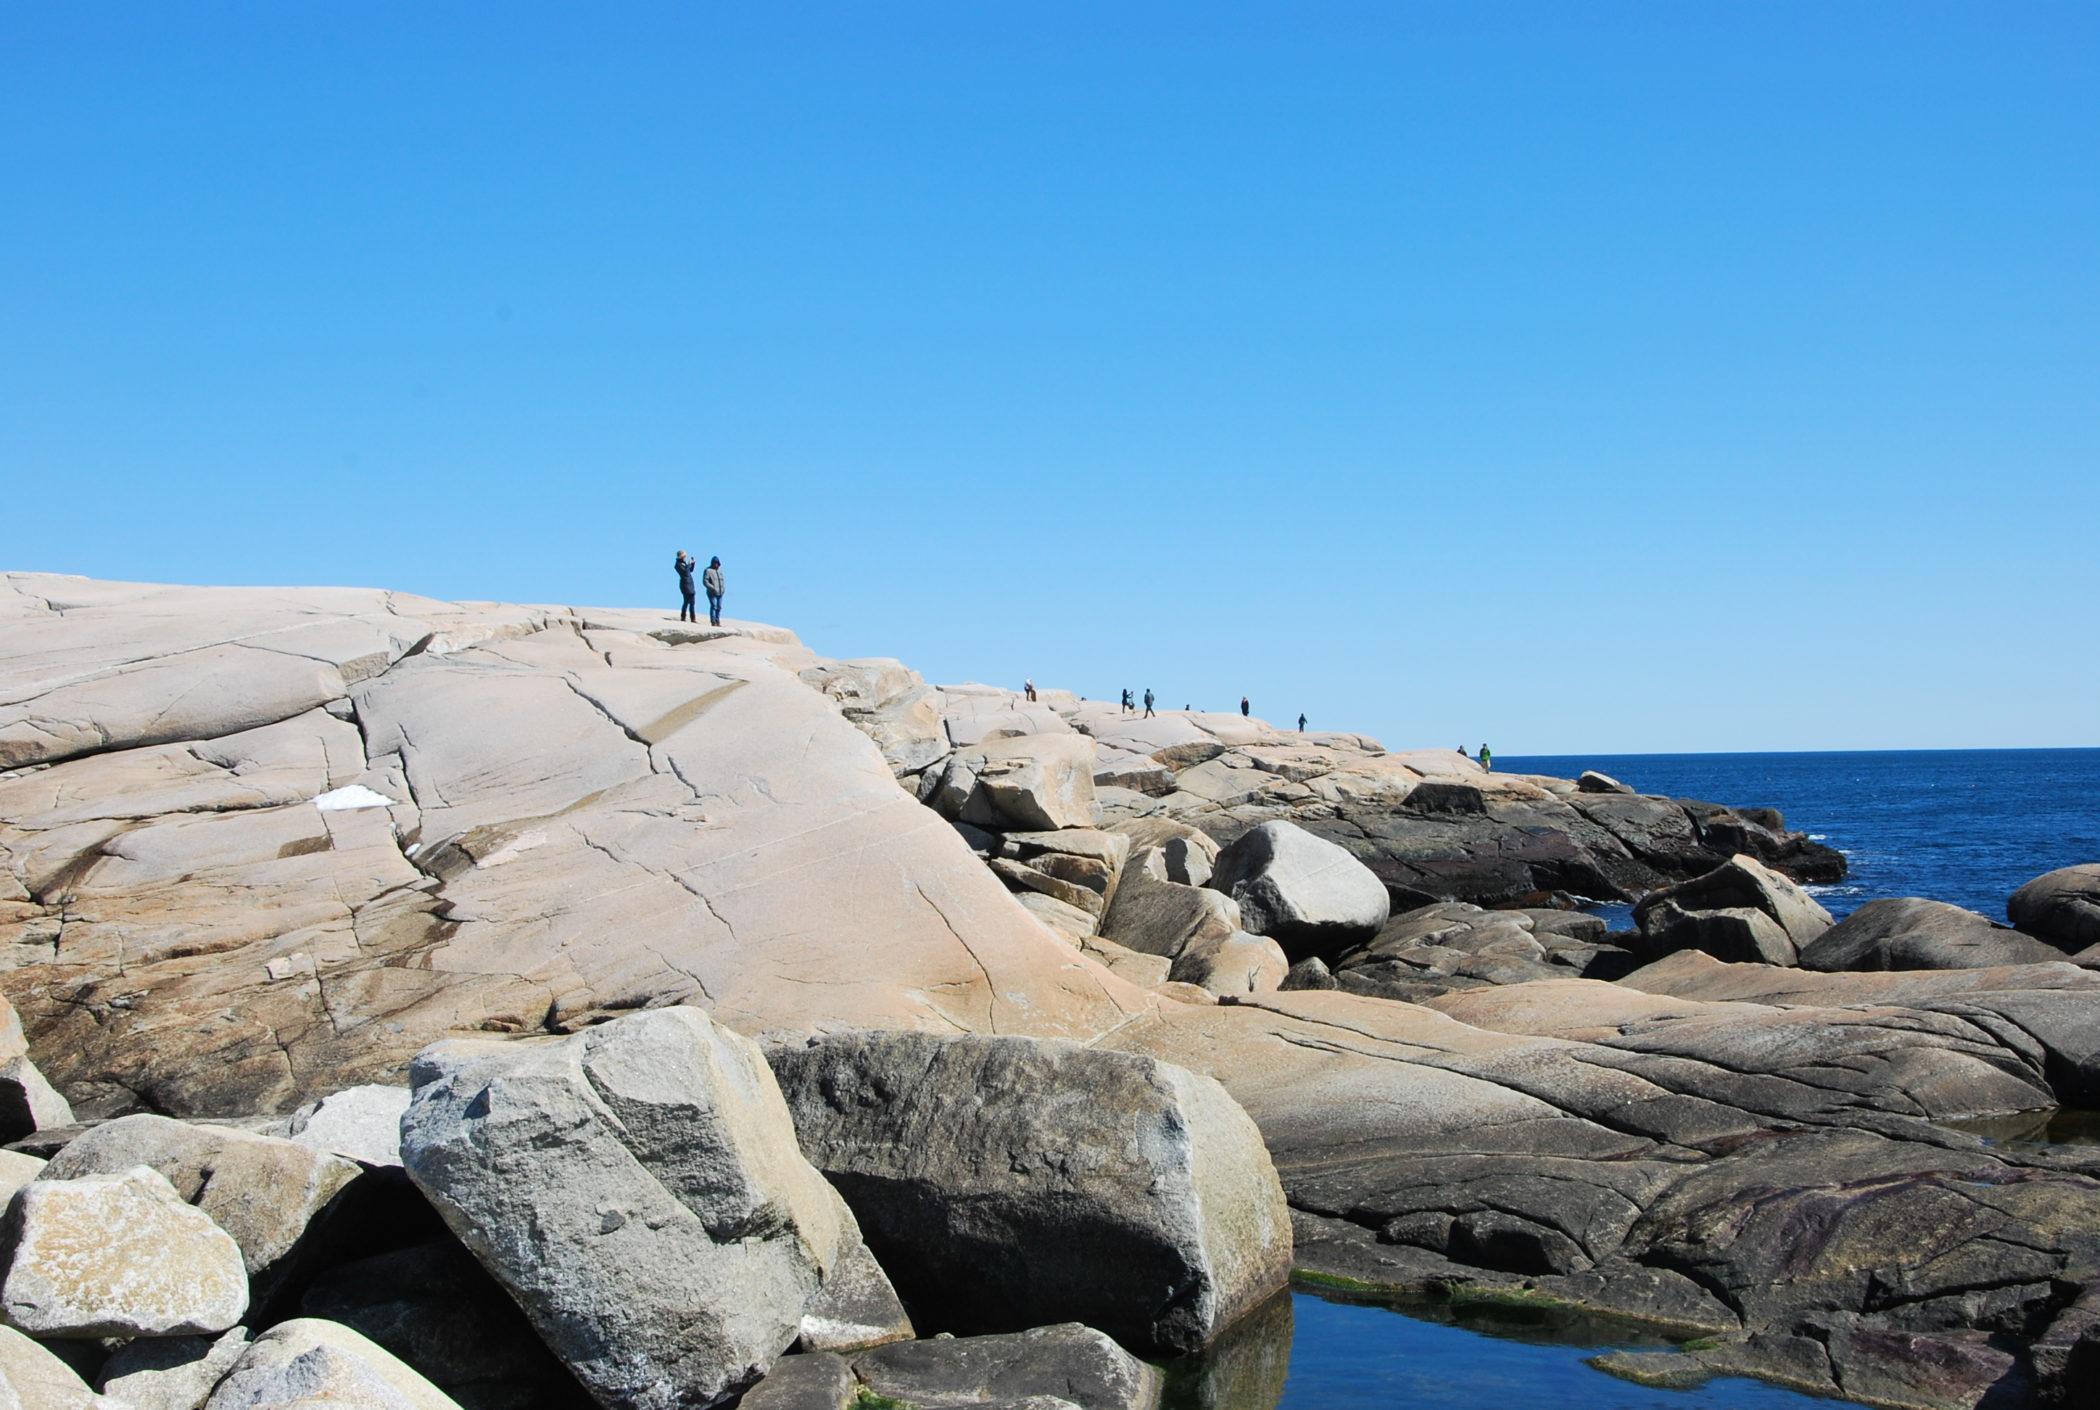 Kanada-Peggys Cove